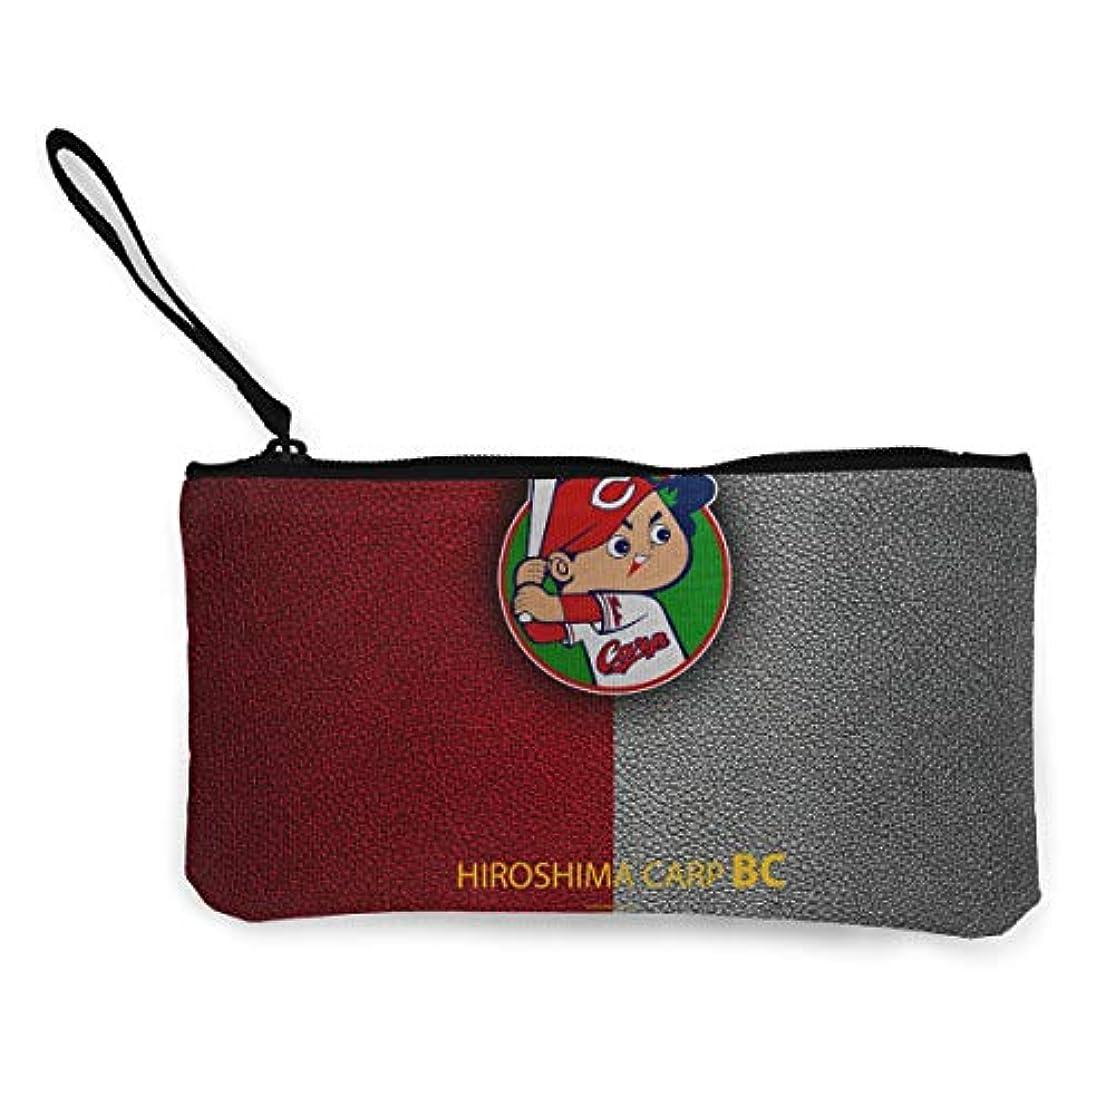 天の当社中傷広島東洋カープ 小銭入れ ワレット 財布 キャンバス ジッパー付きハンド 大容量